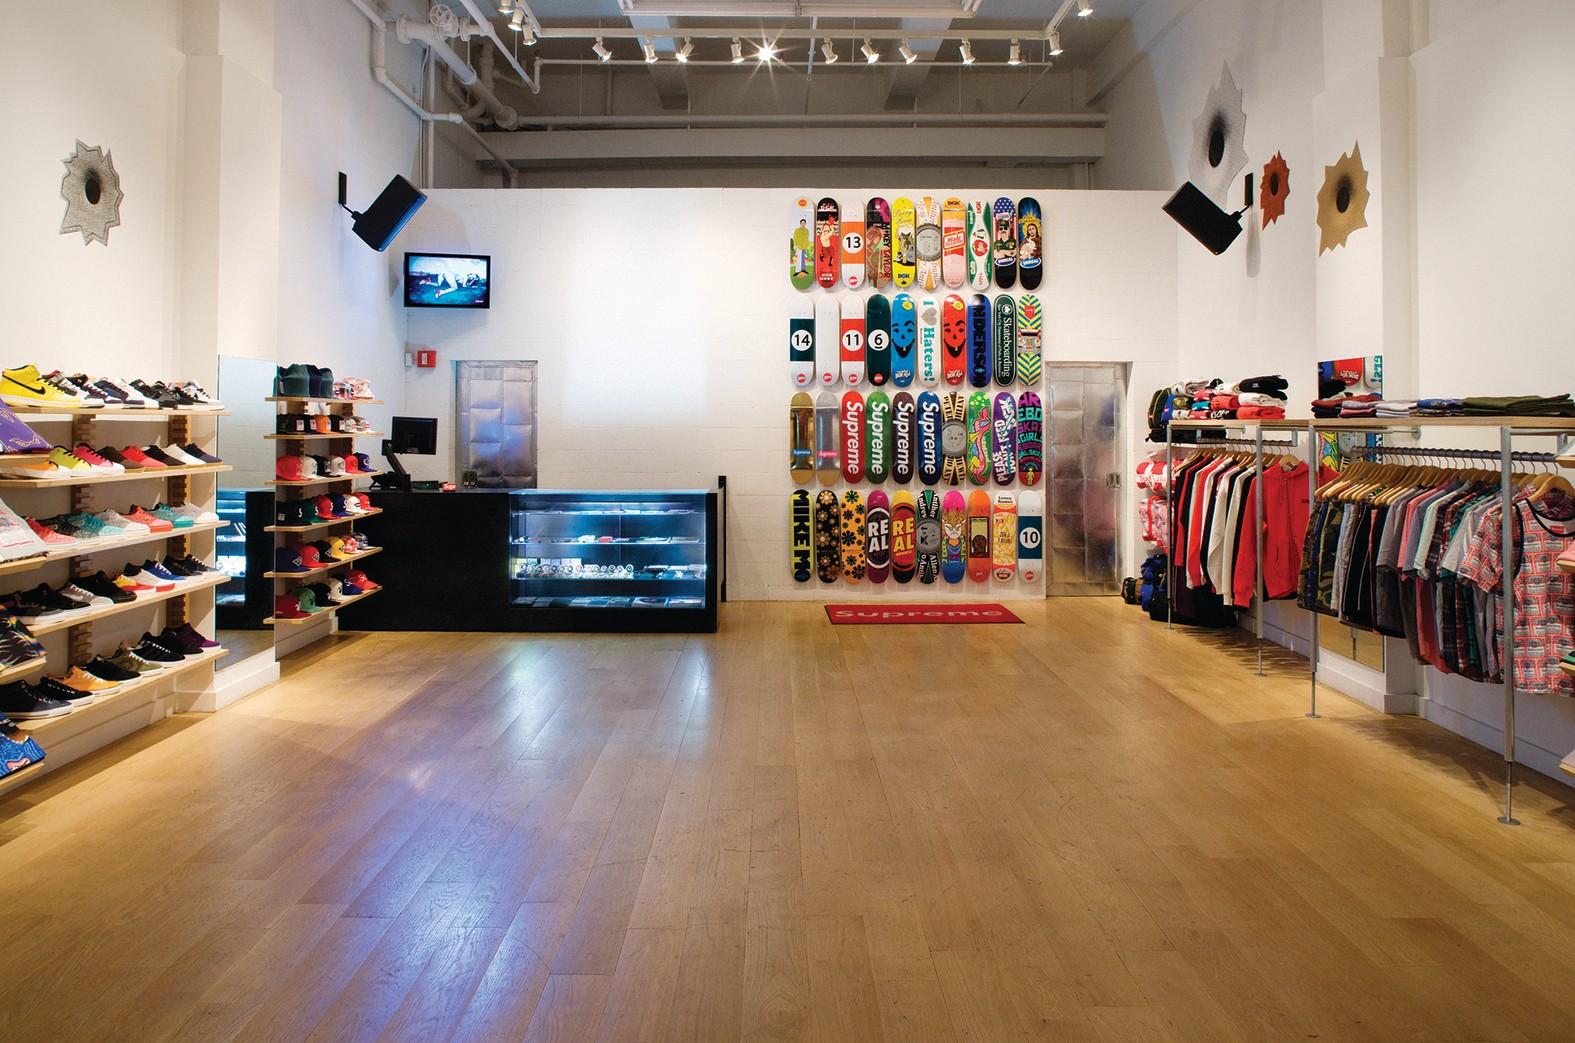 supreme store shop inside nyc – BOARD RAP 5e4419322fc9